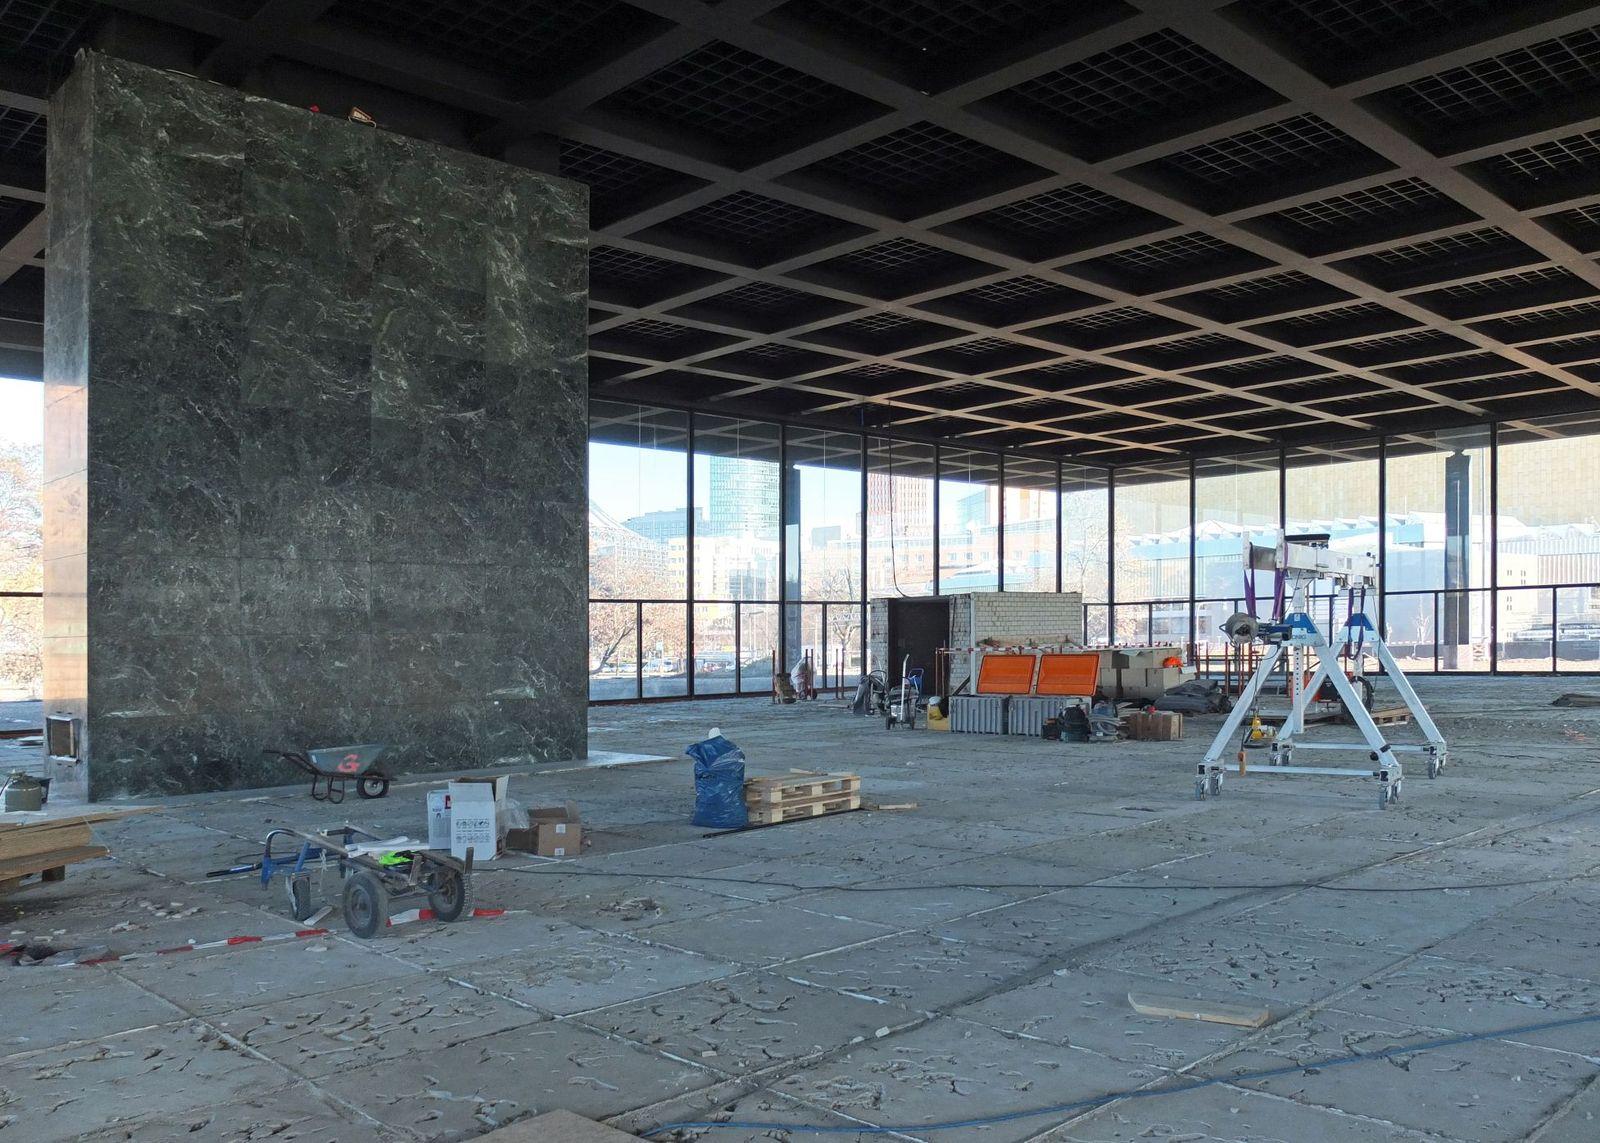 Die Versorgungsschächten in der oberen Halle der Neuen Nationalgalerie sind mit handverlesenen Platten aus grünem Tinos Marmor verkleidet. Foto: schmedding.vonmarlin.